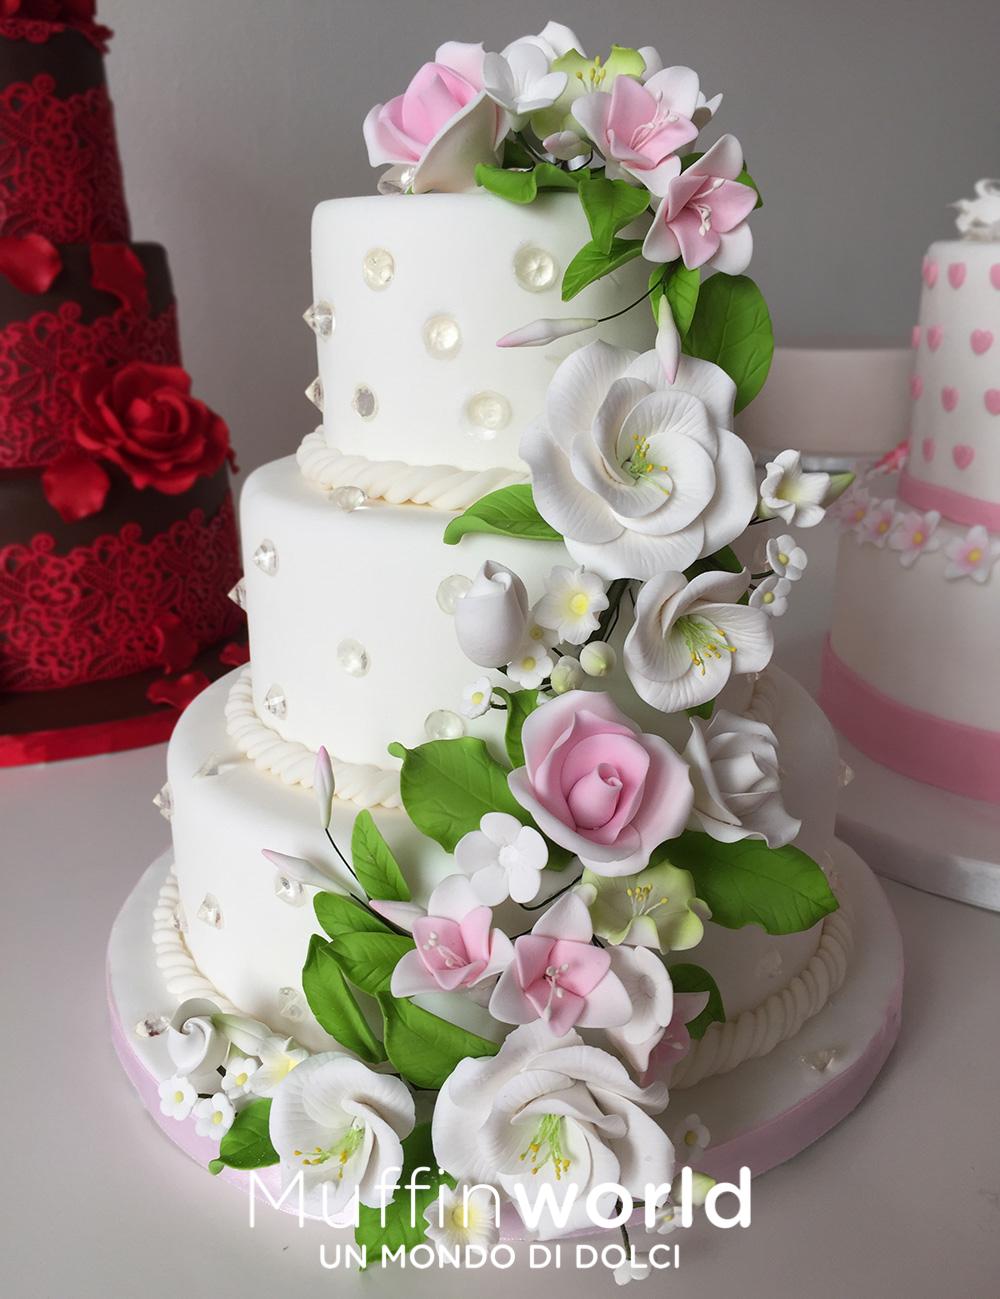 Amato Torte di matrimonio - Wedding Cake - Muffinworld RZ25